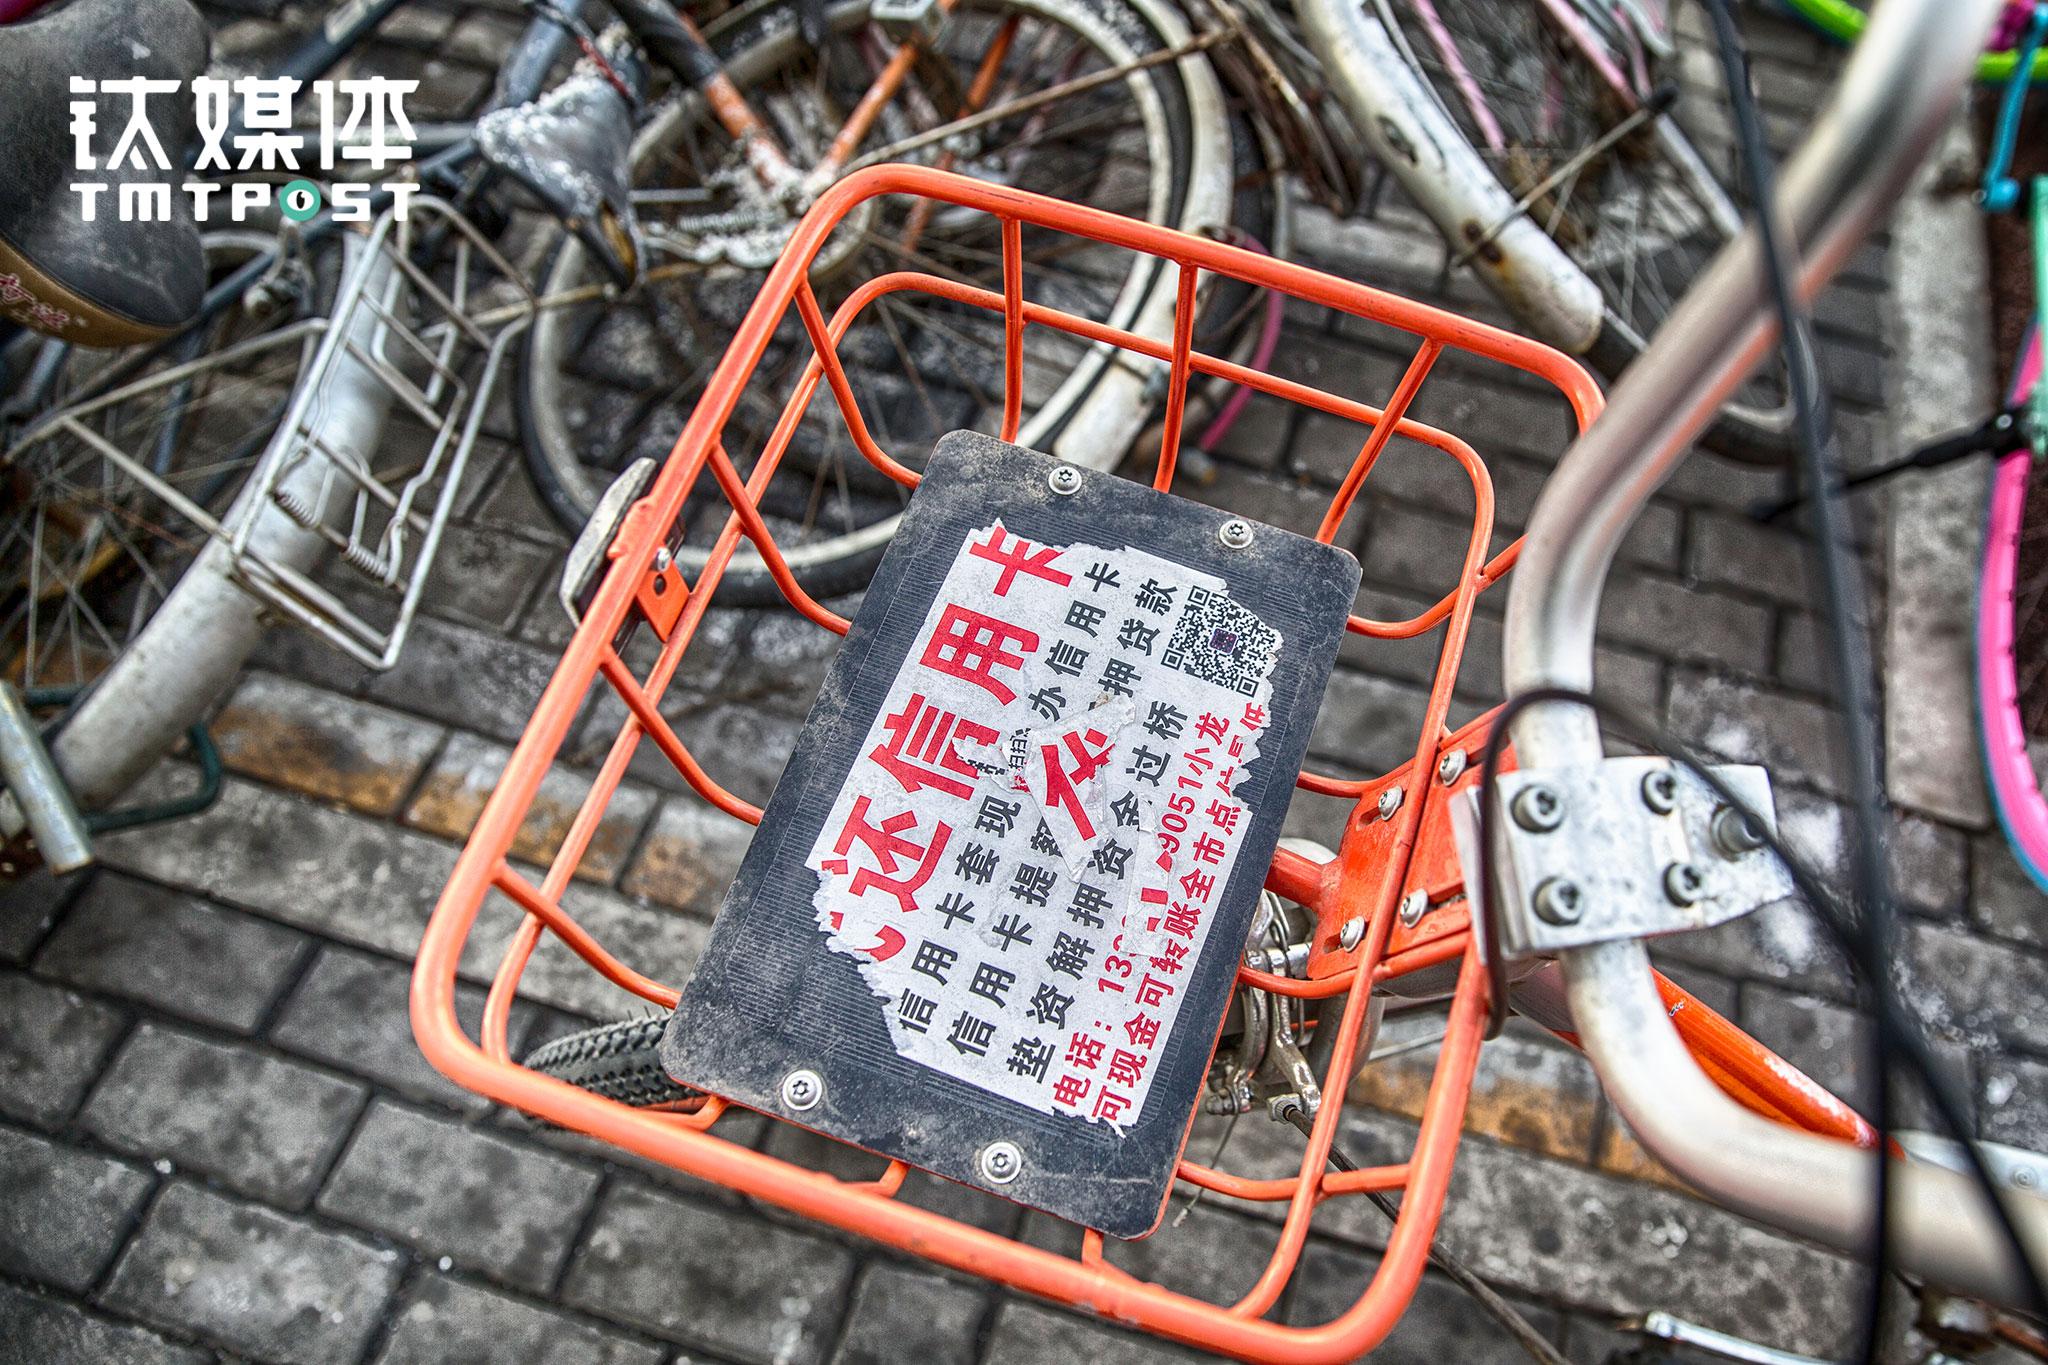 一辆摩拜单车的车篮托板被贴上了信用卡套现的非法小广告。目前共享单车都没有找到稳定合理的盈利模式和赢利点。有观点认为,车身广告是最可预见的赢利点之一,但也有观点认为,共享单车最大的价值是利用用户海量的出行数据链接各类服务。